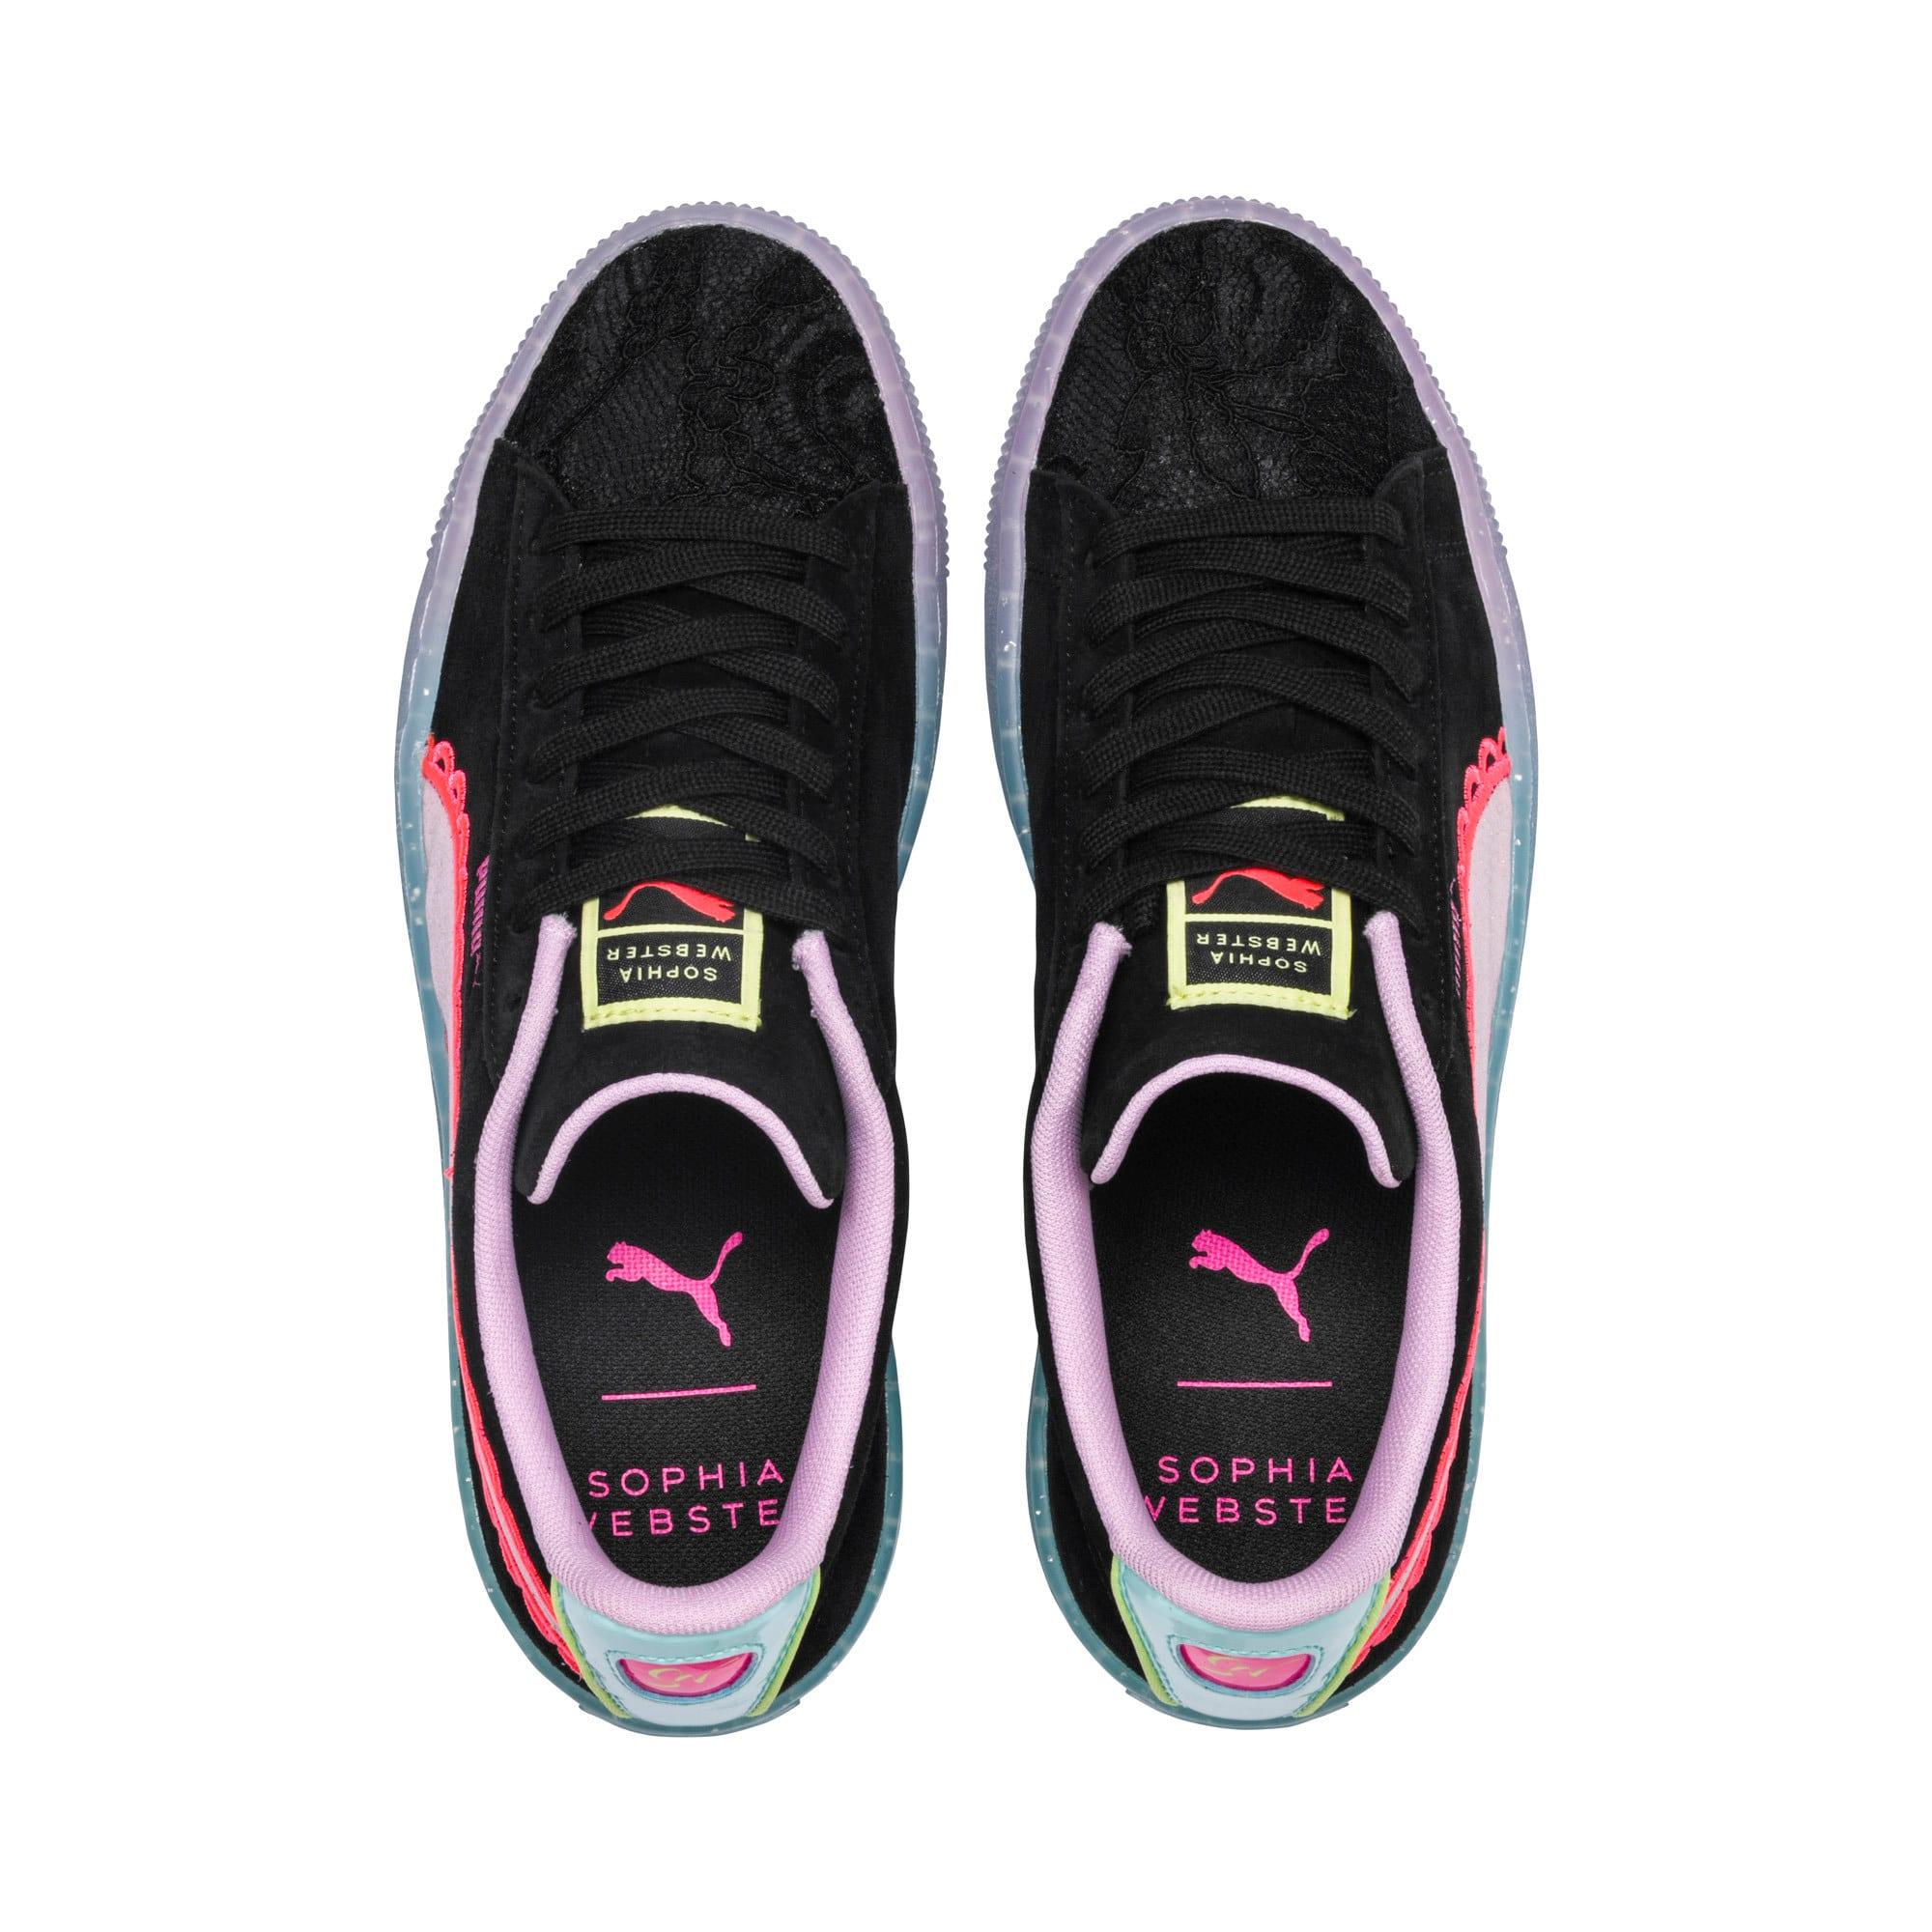 Miniatura 7 de Zapatos deportivosPUMA x SOPHIA WEBSTER Suede para mujer, Puma Black-Fiery Coral, mediano